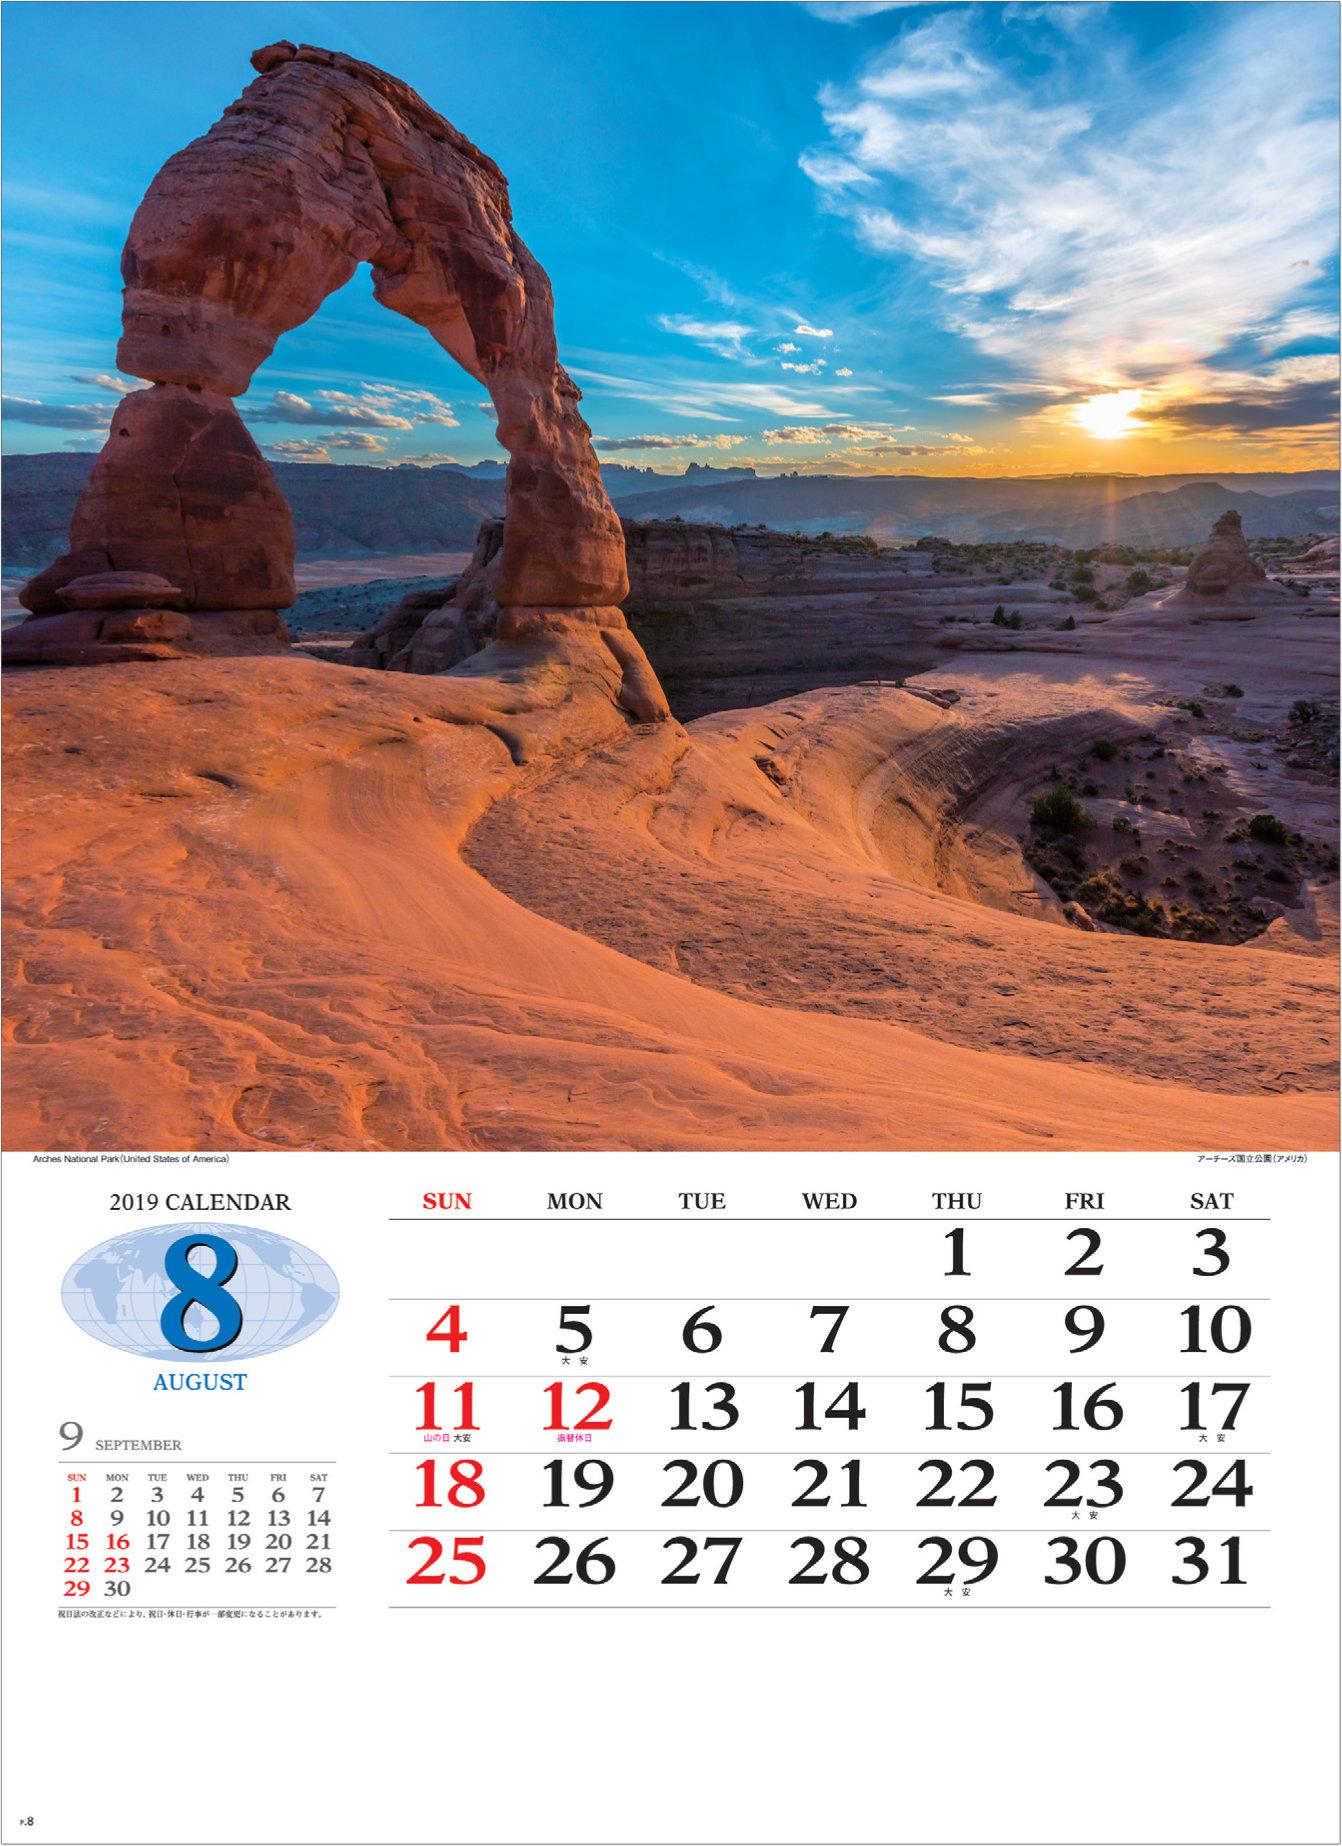 画像:アメリカ アーチーズ国立公園 世界の景観 2019年カレンダー